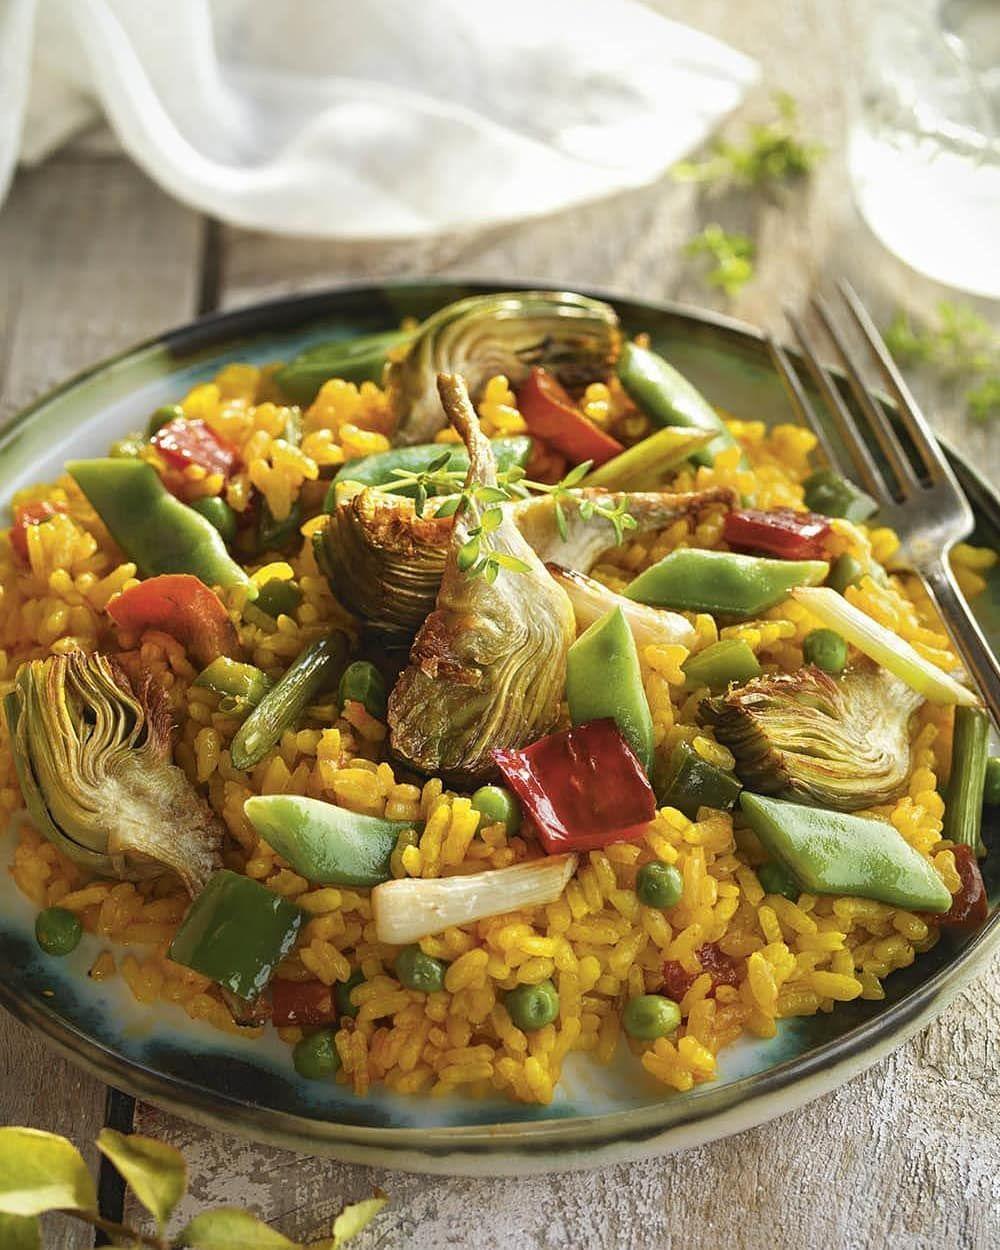 Arroz Con Verduras Y Alcachofas Calienta Aceite En Una Paella Agregapimiento By Recetasrapidas3 Healthy Vegetarian Food Comida Fitness